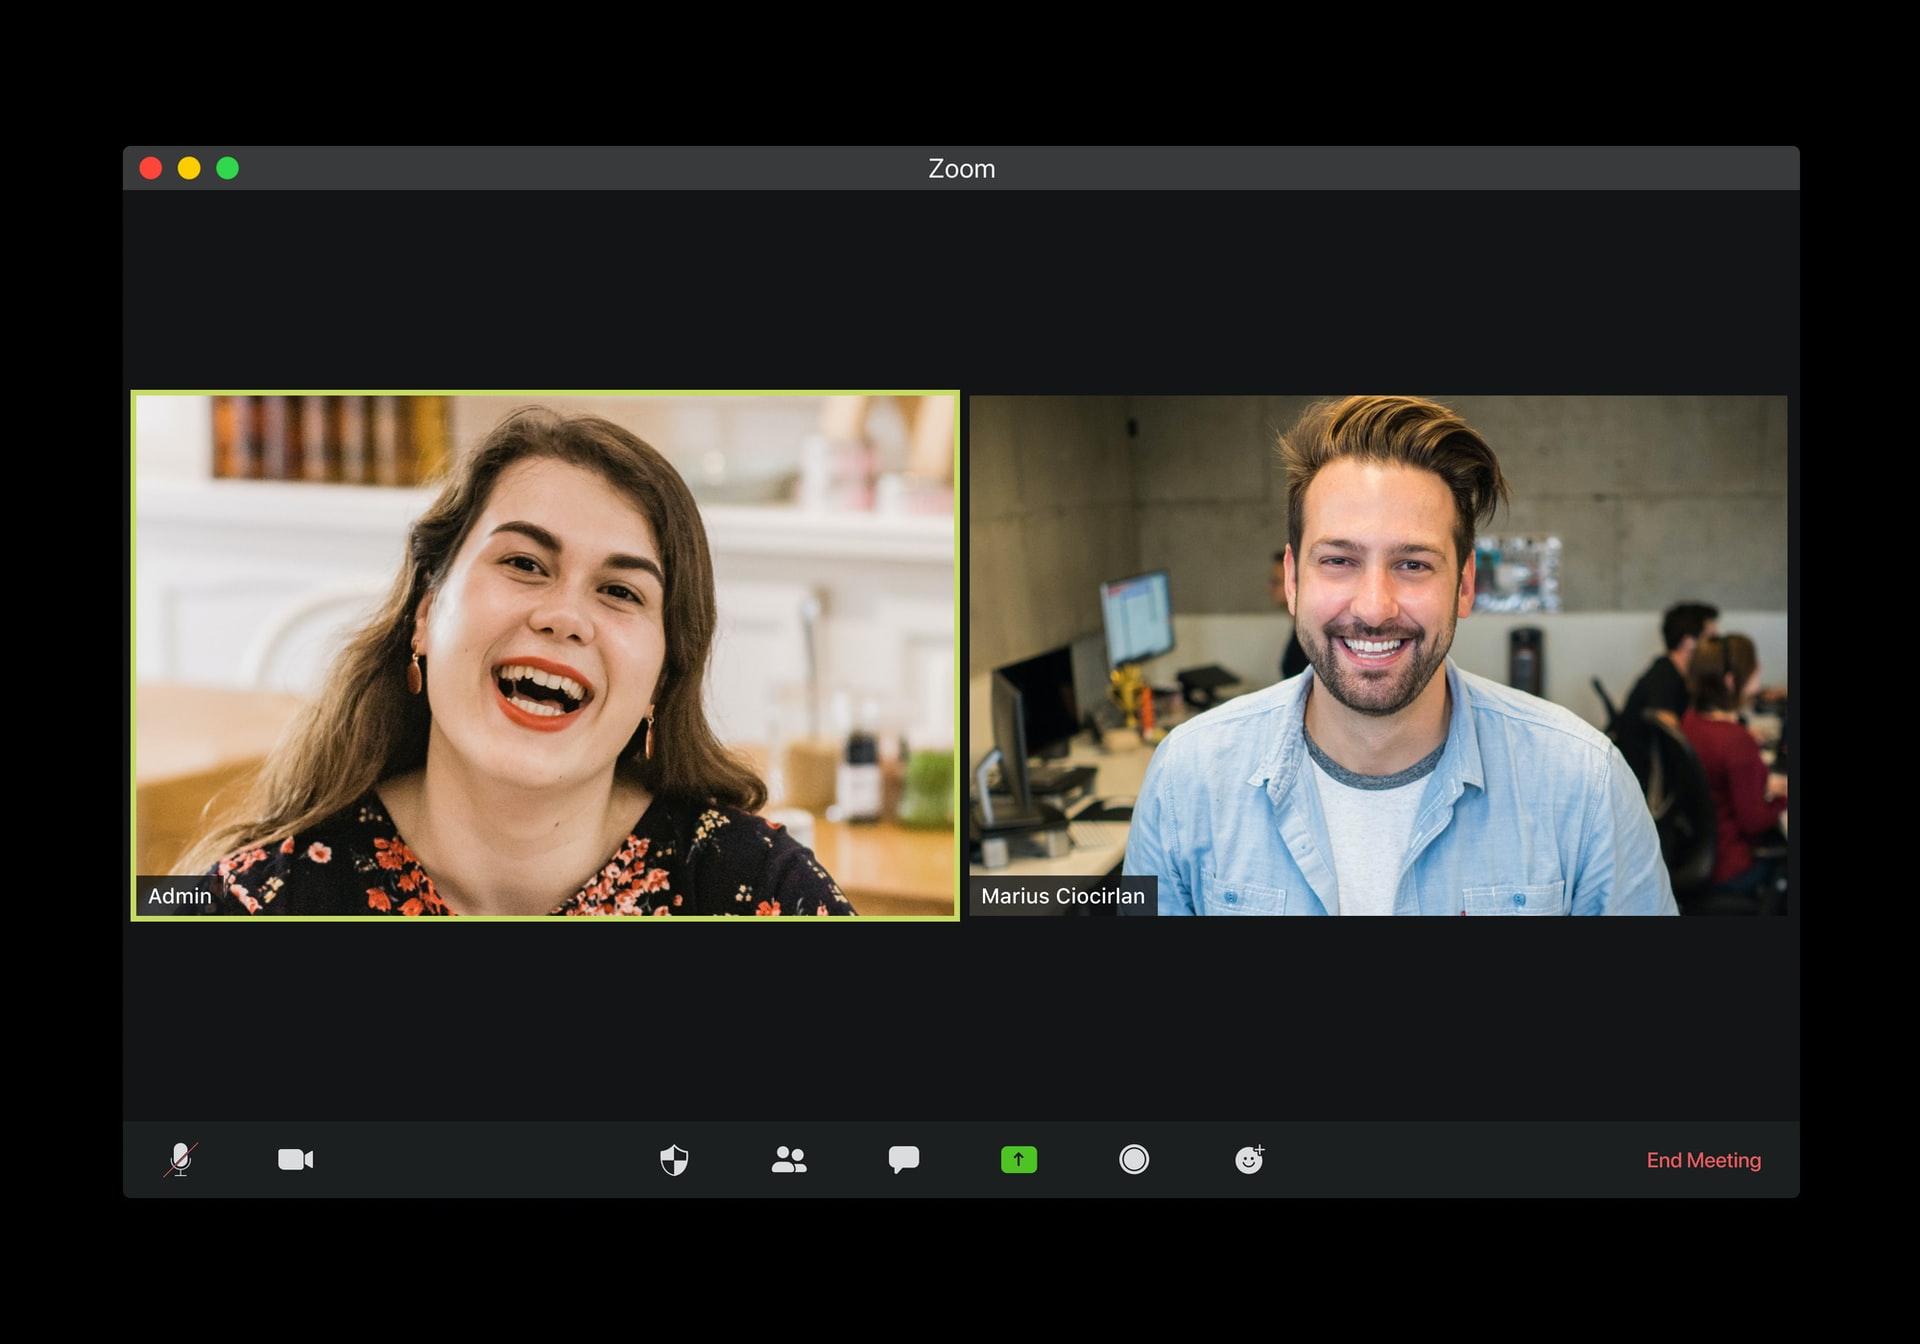 Ein Zoom-Meeting mit Contentflow streamen